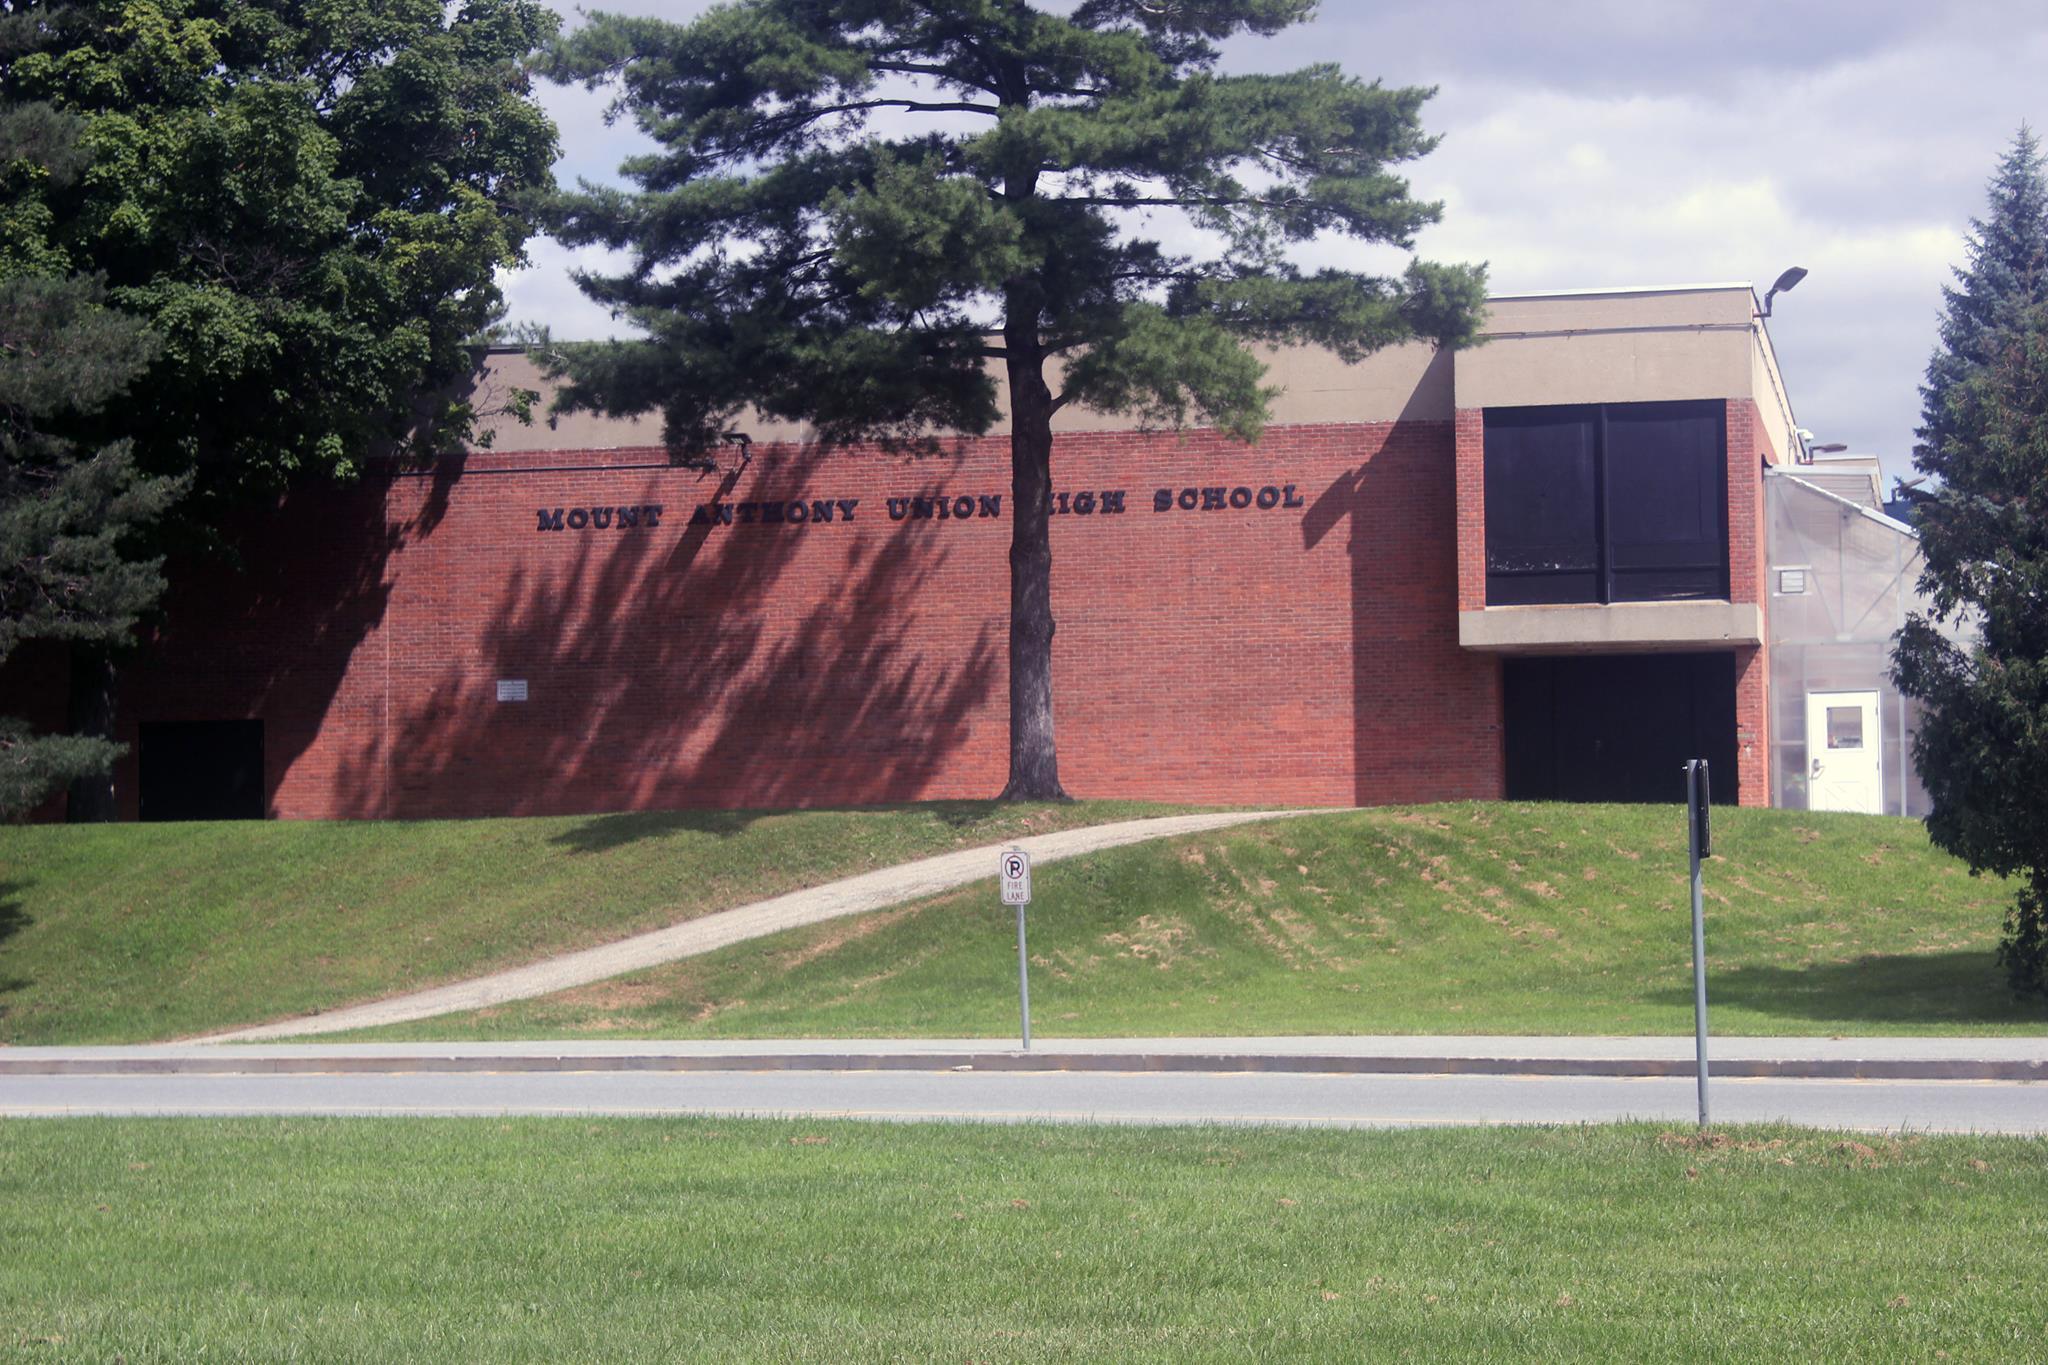 brick school building